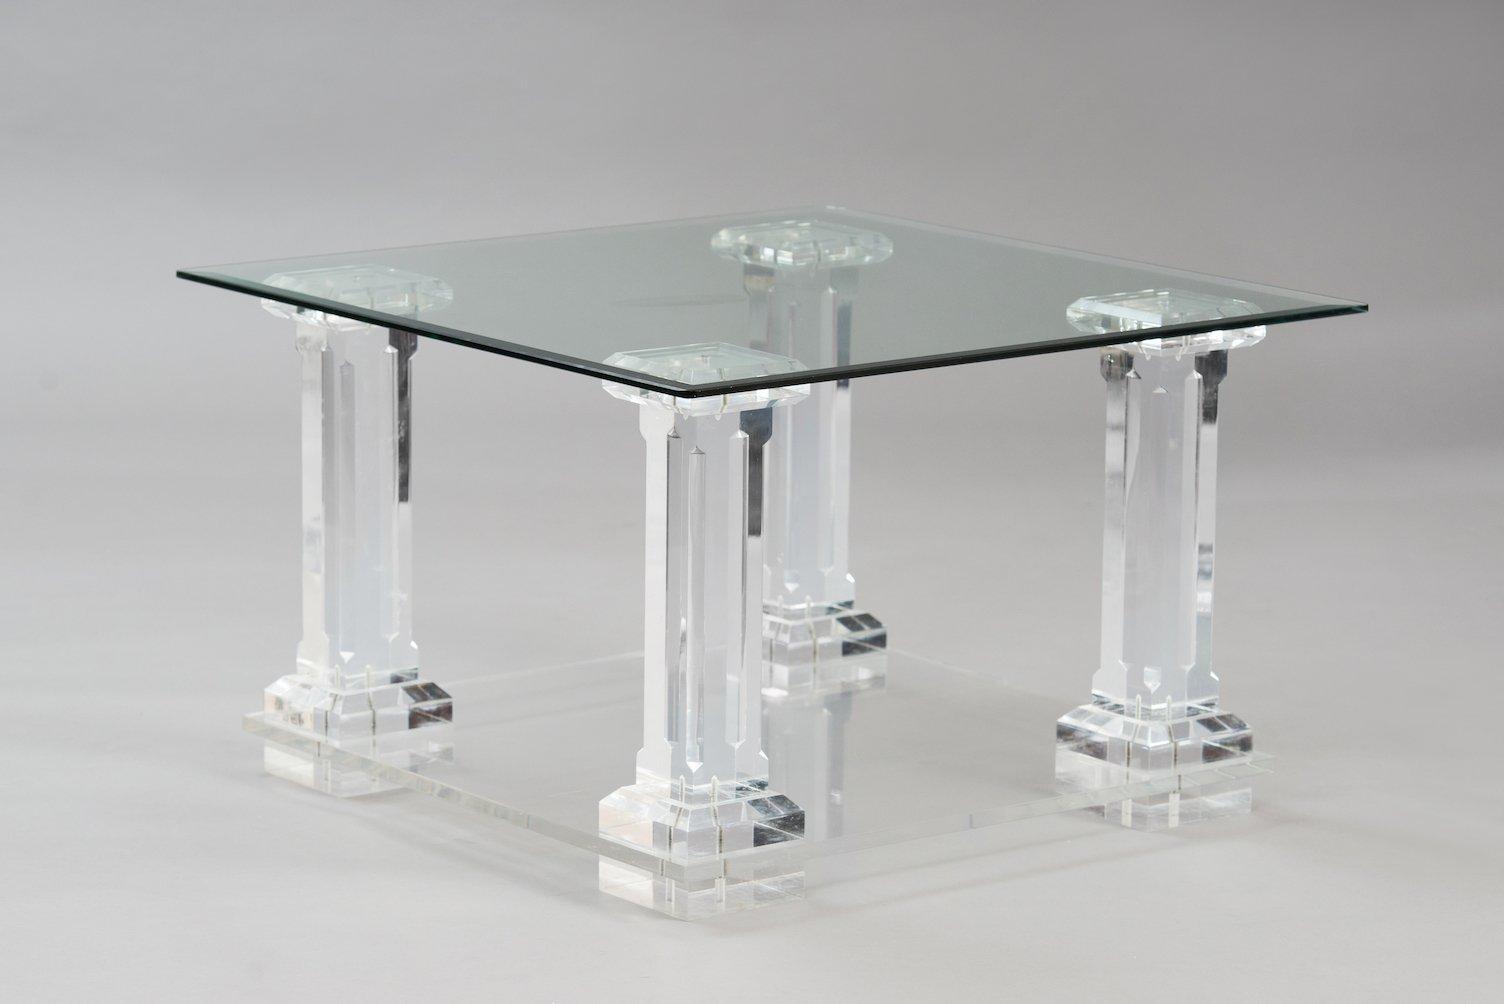 table d 39 appoint en lucite et en verre italie en vente sur pamono. Black Bedroom Furniture Sets. Home Design Ideas